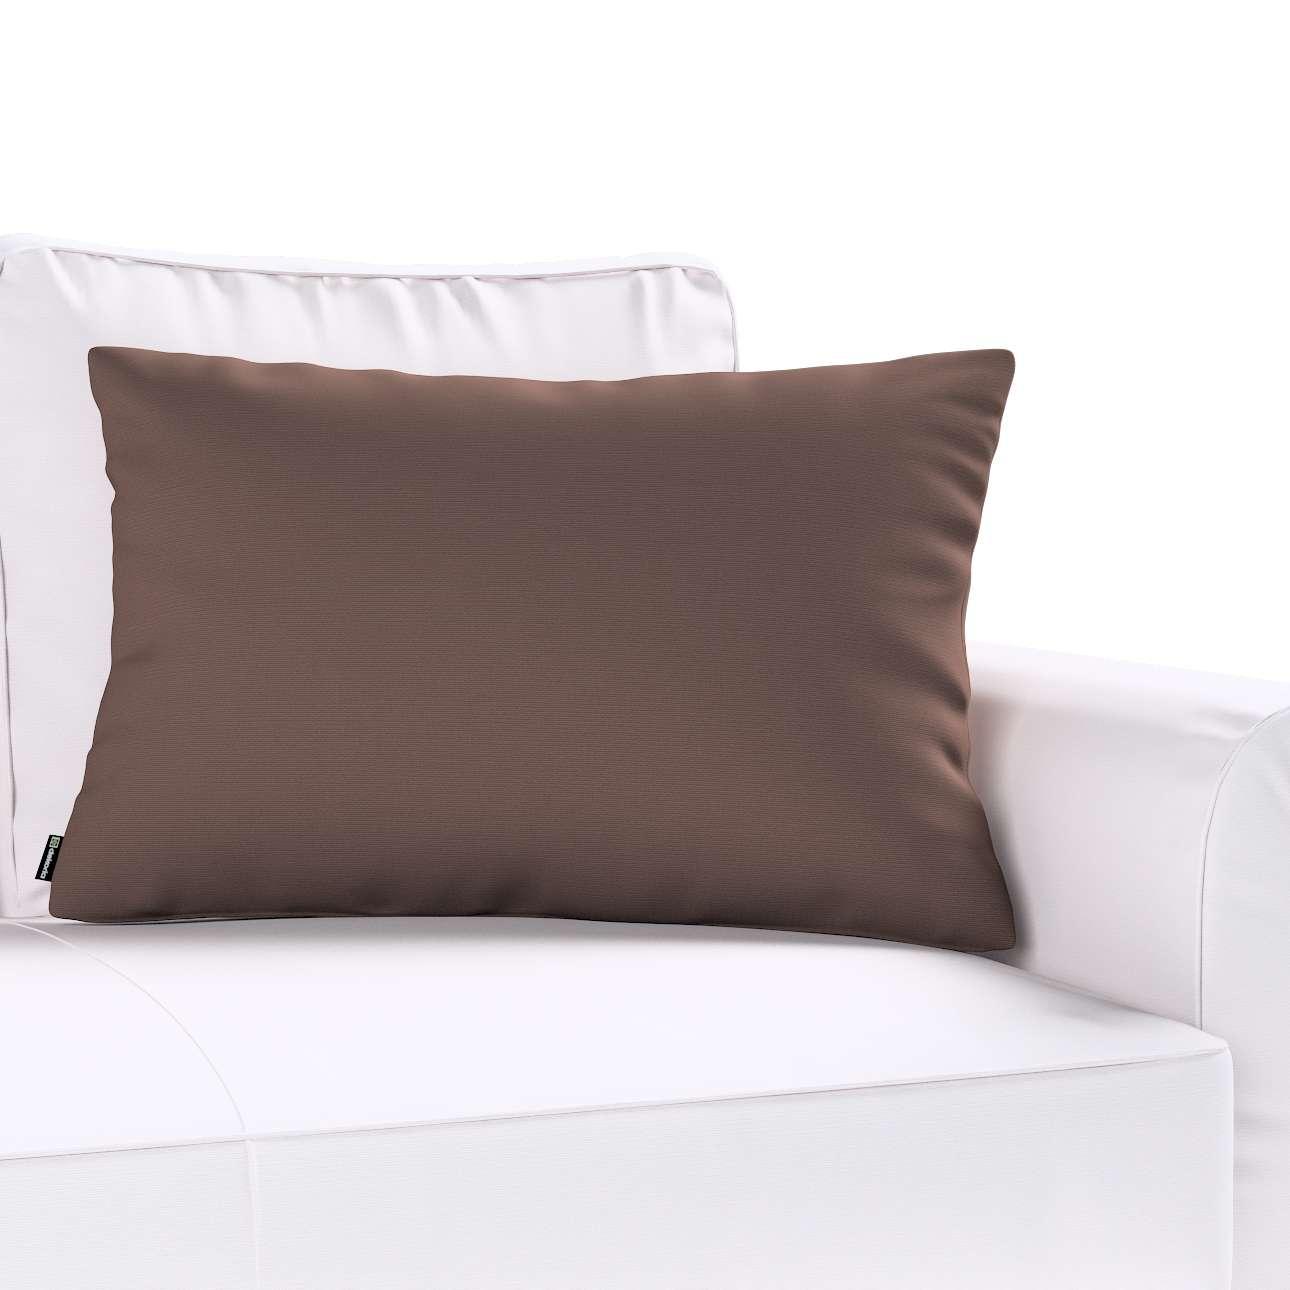 Poszewka Kinga na poduszkę prostokątną w kolekcji Cotton Panama, tkanina: 702-03